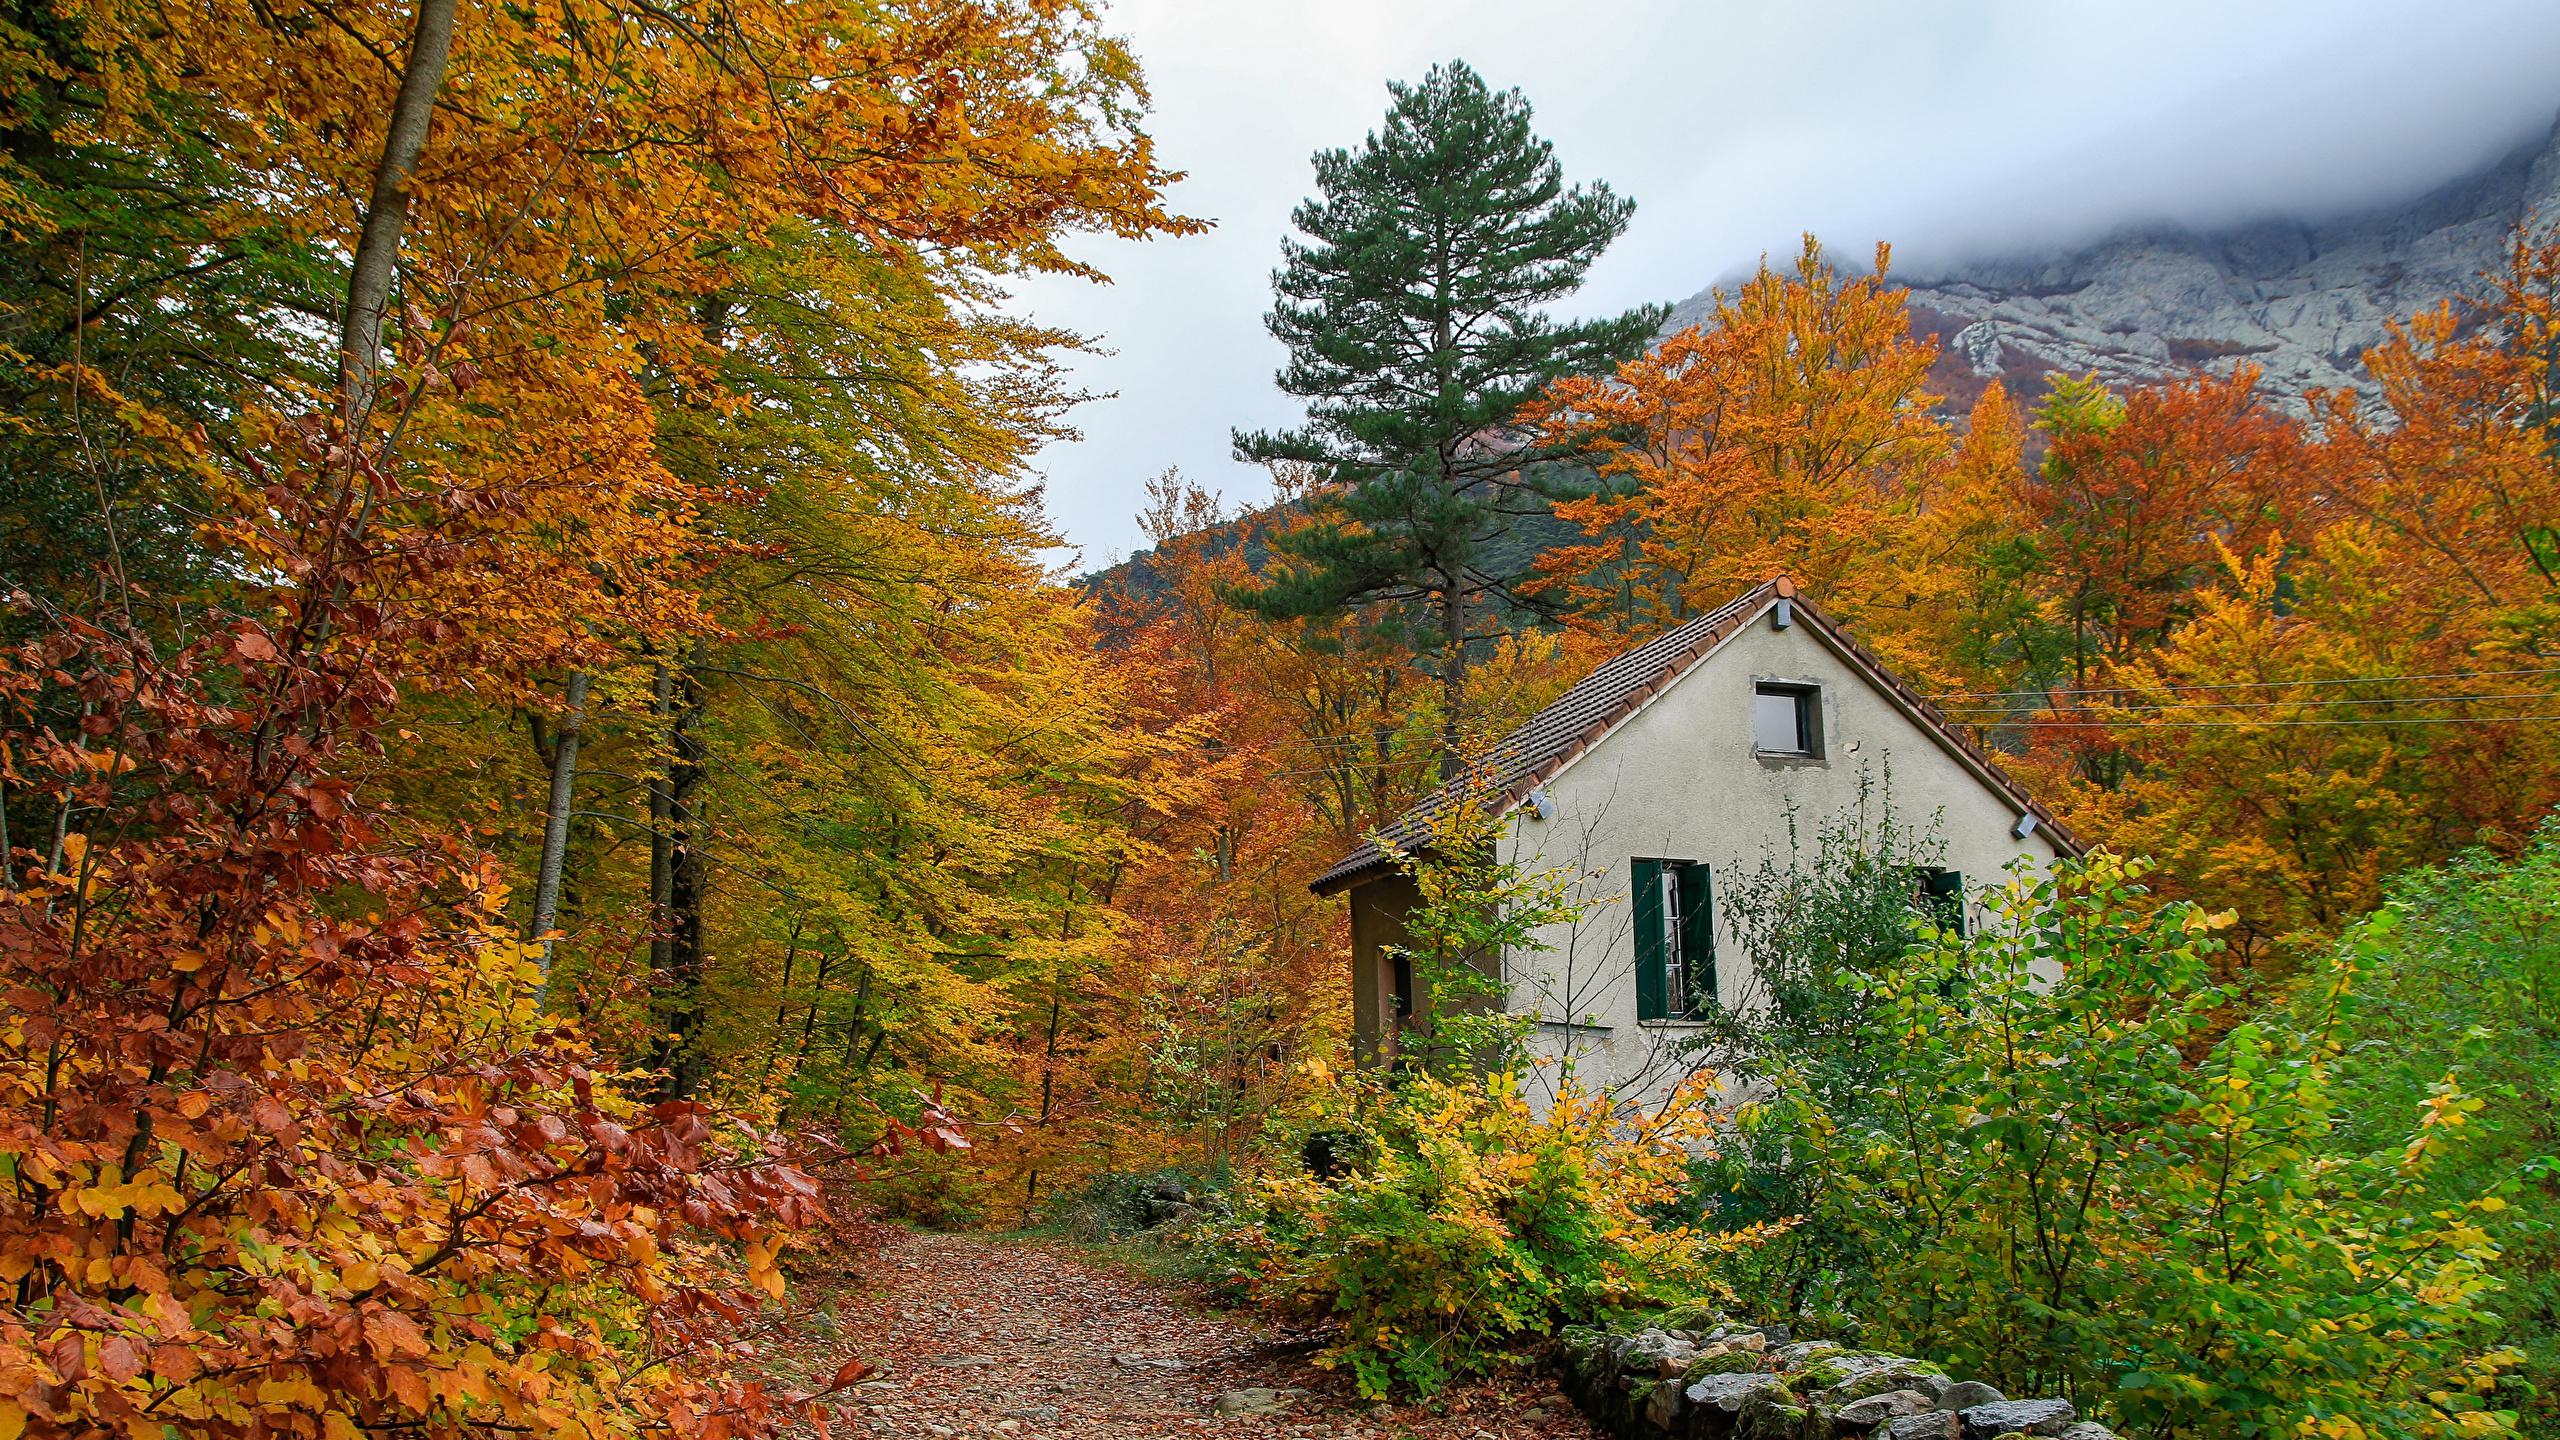 Images France Foliage Corsica Nature Autumn Roads Stones 2560x1440 2560x1440